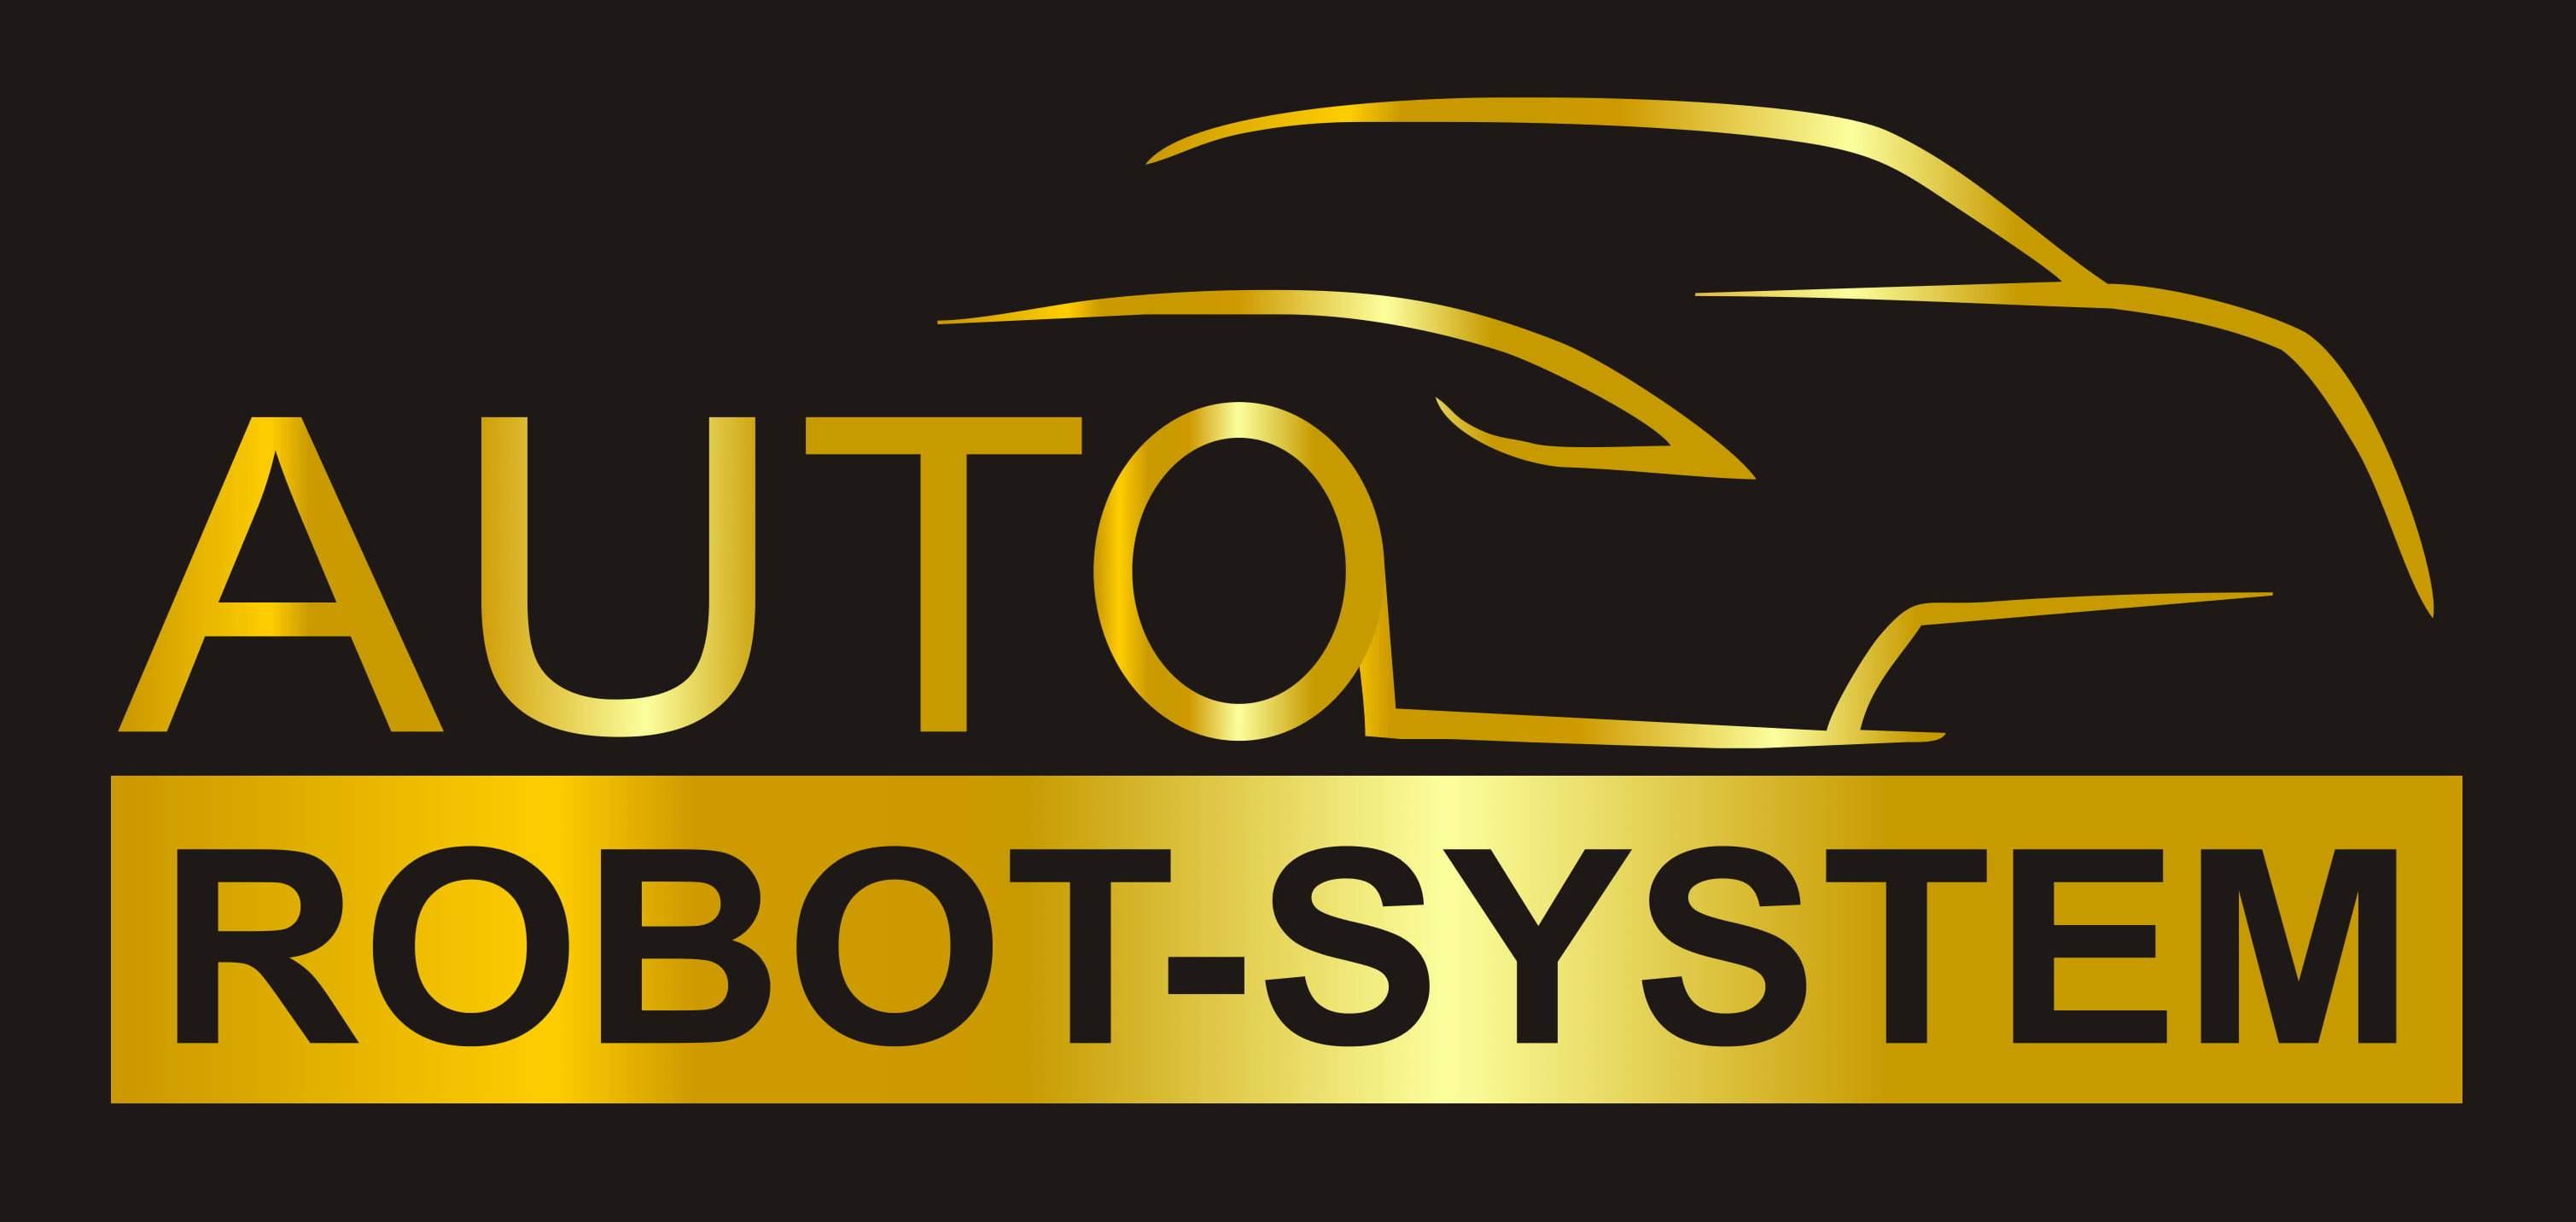 Auto robot sytem - logo złoty bez bieli